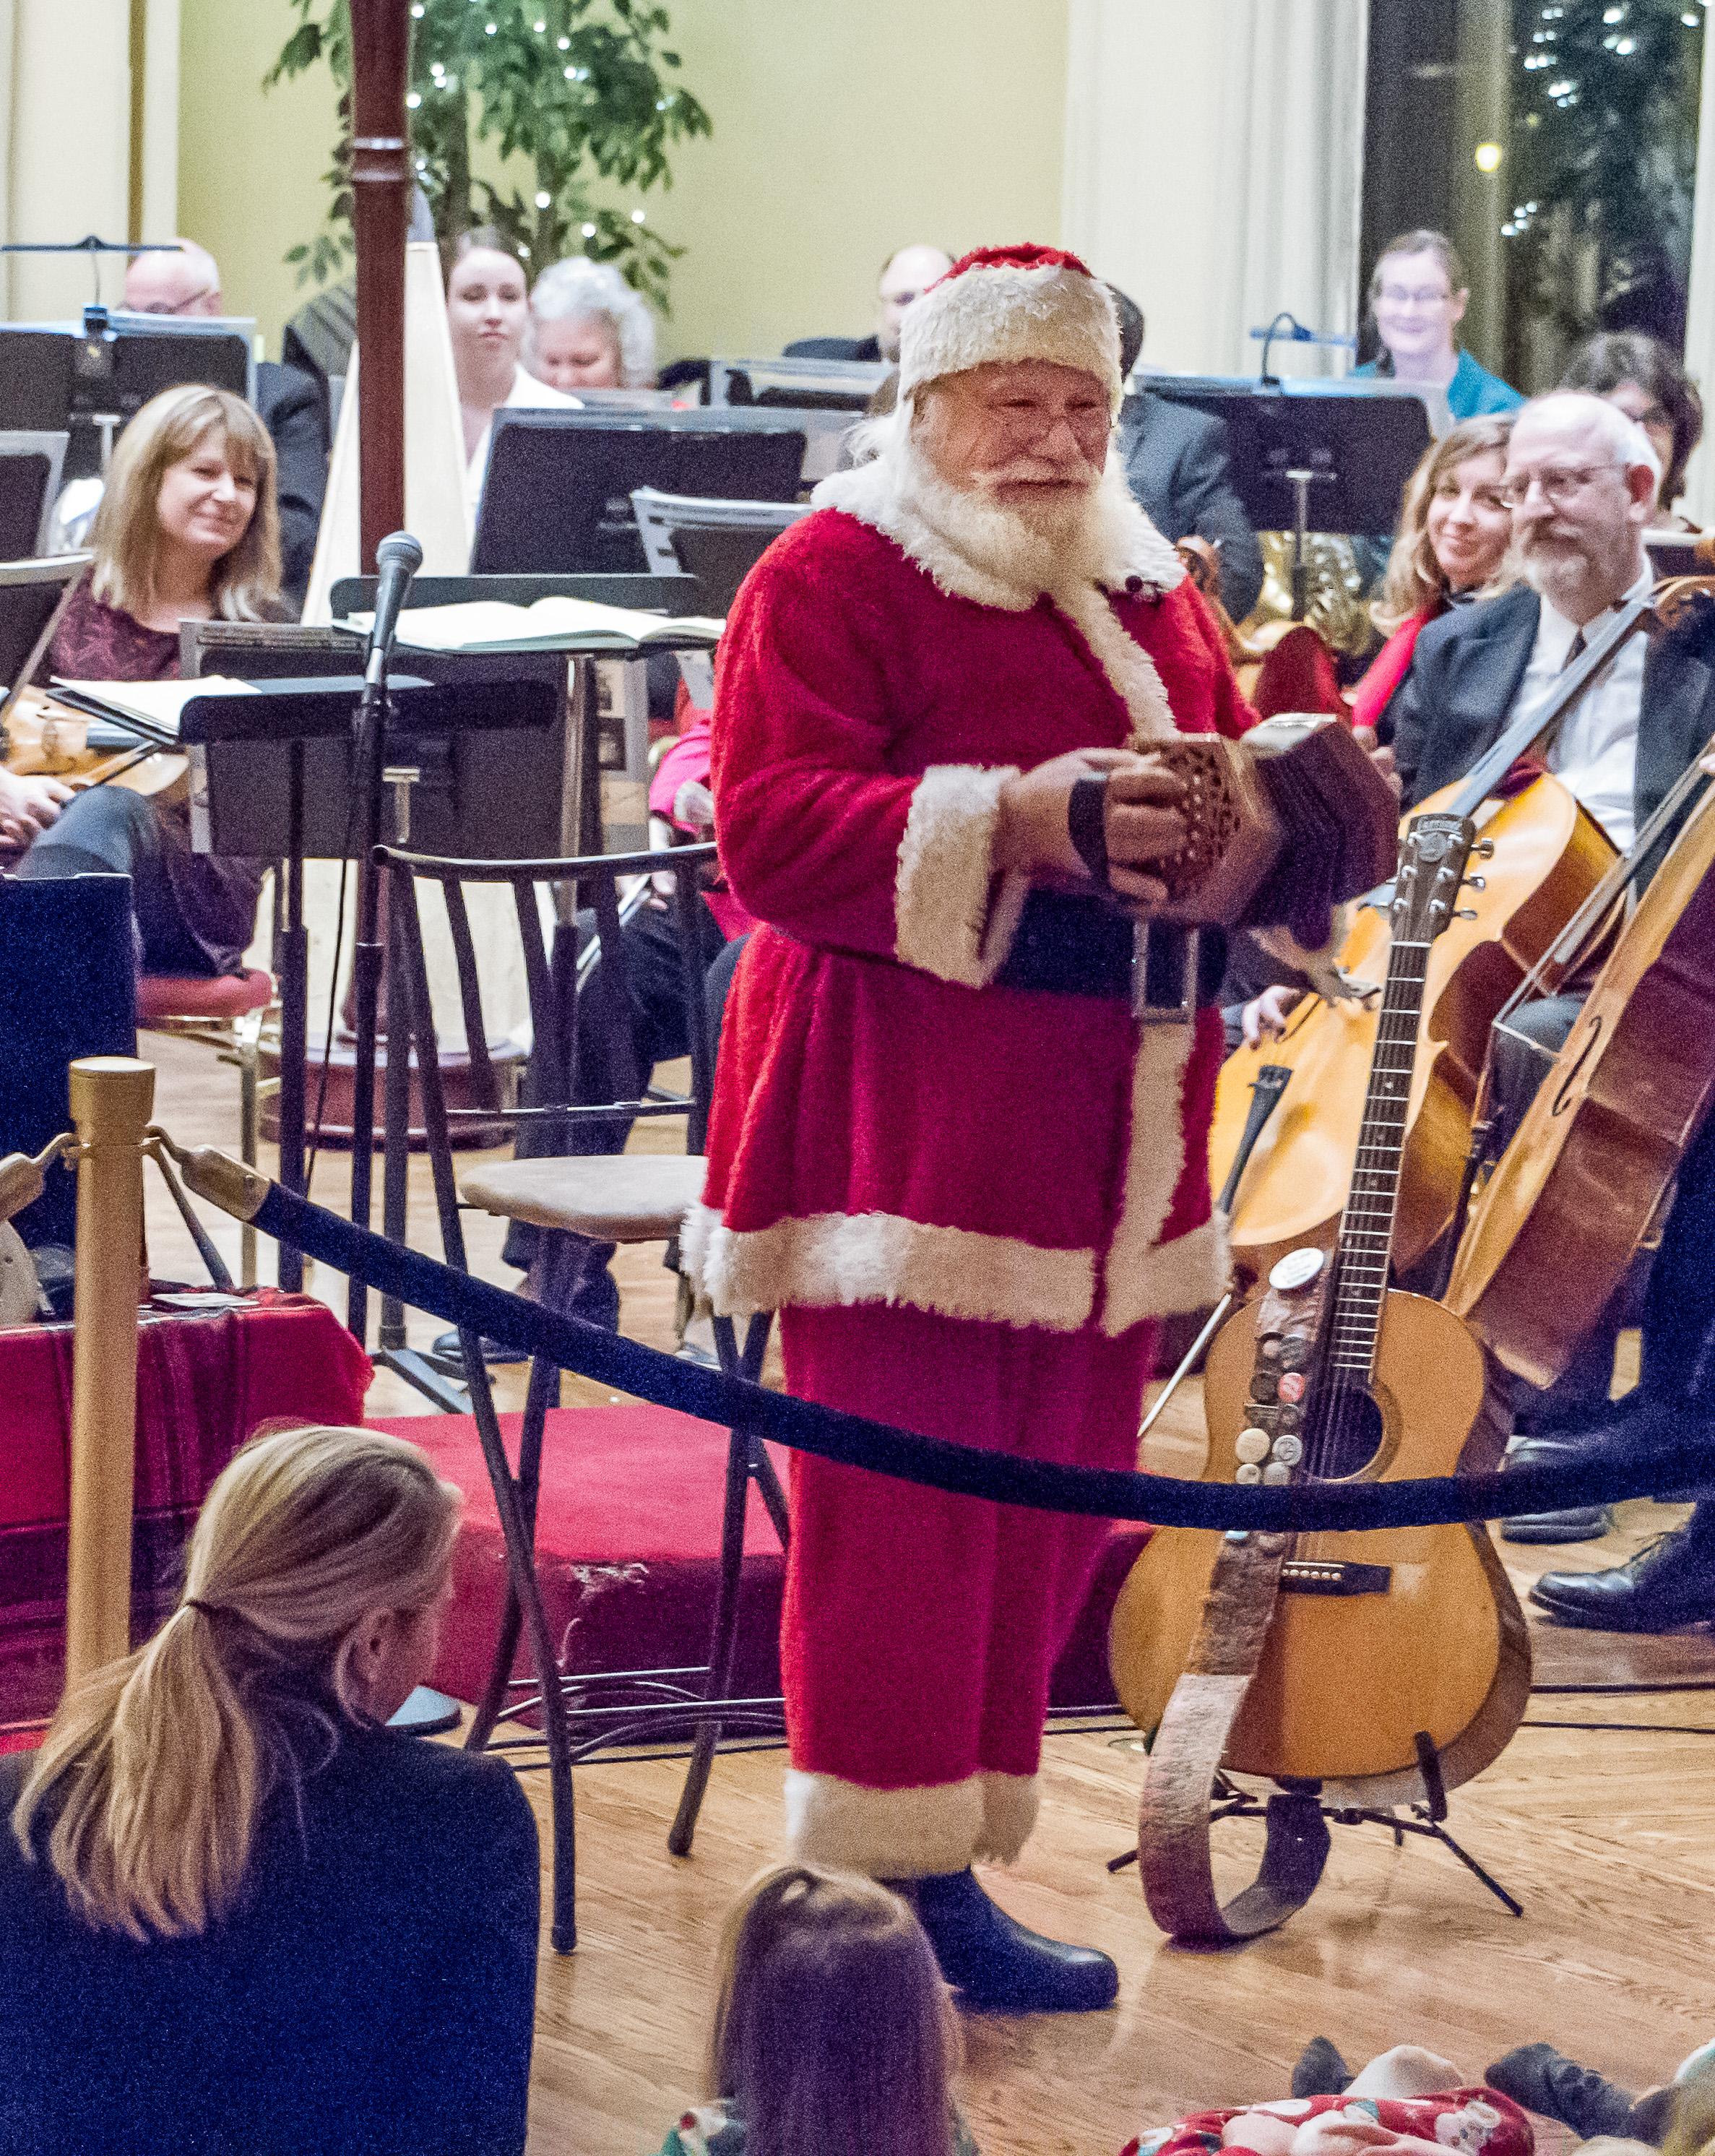 David HB Drake as Santa Claus